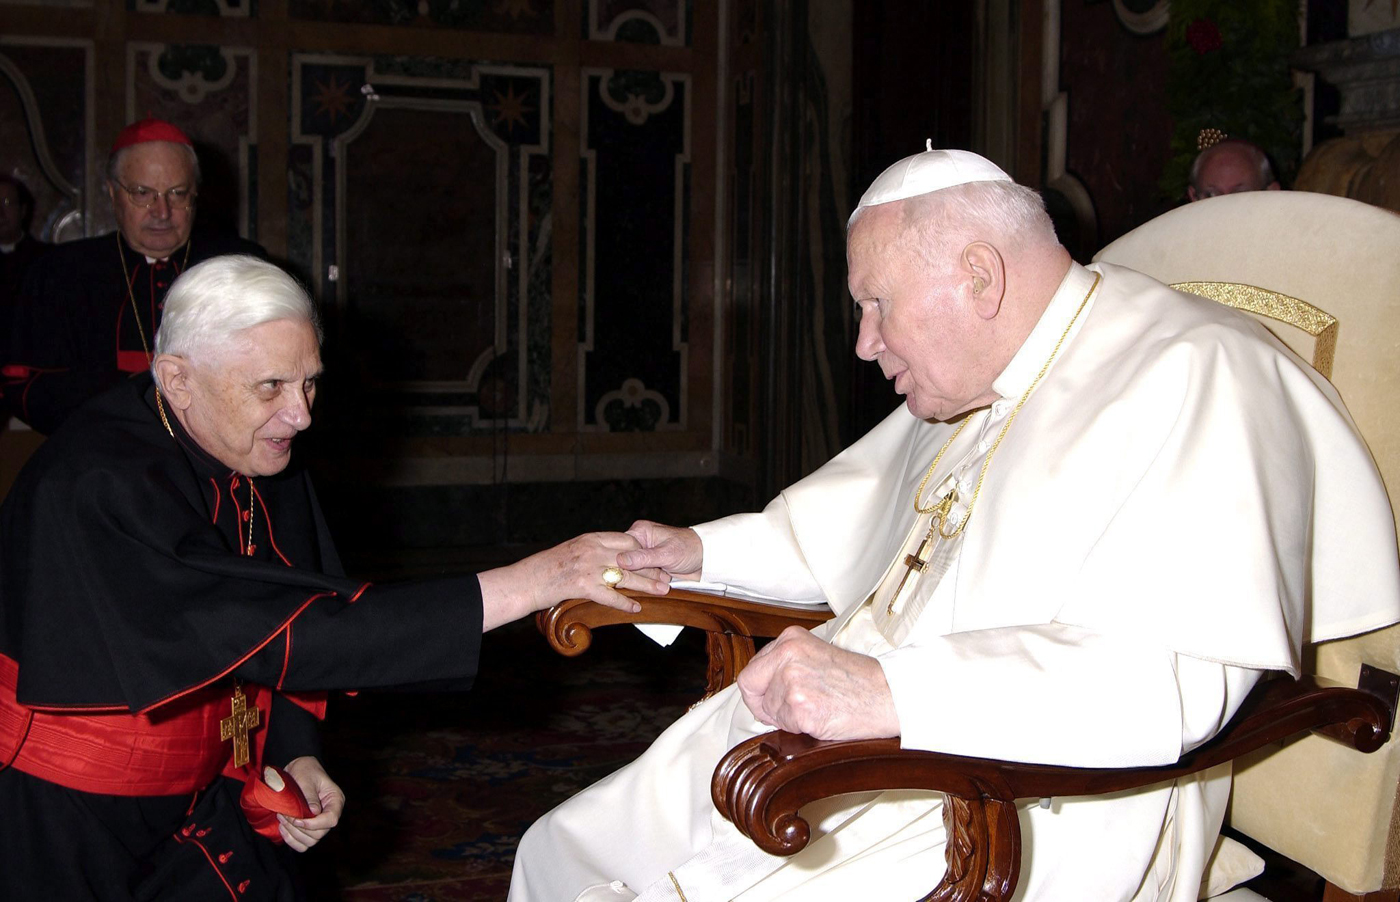 Entrevista a Benedicto XVI sobre Juan Pablo II. Su coraje, santidad y desafíos. 1